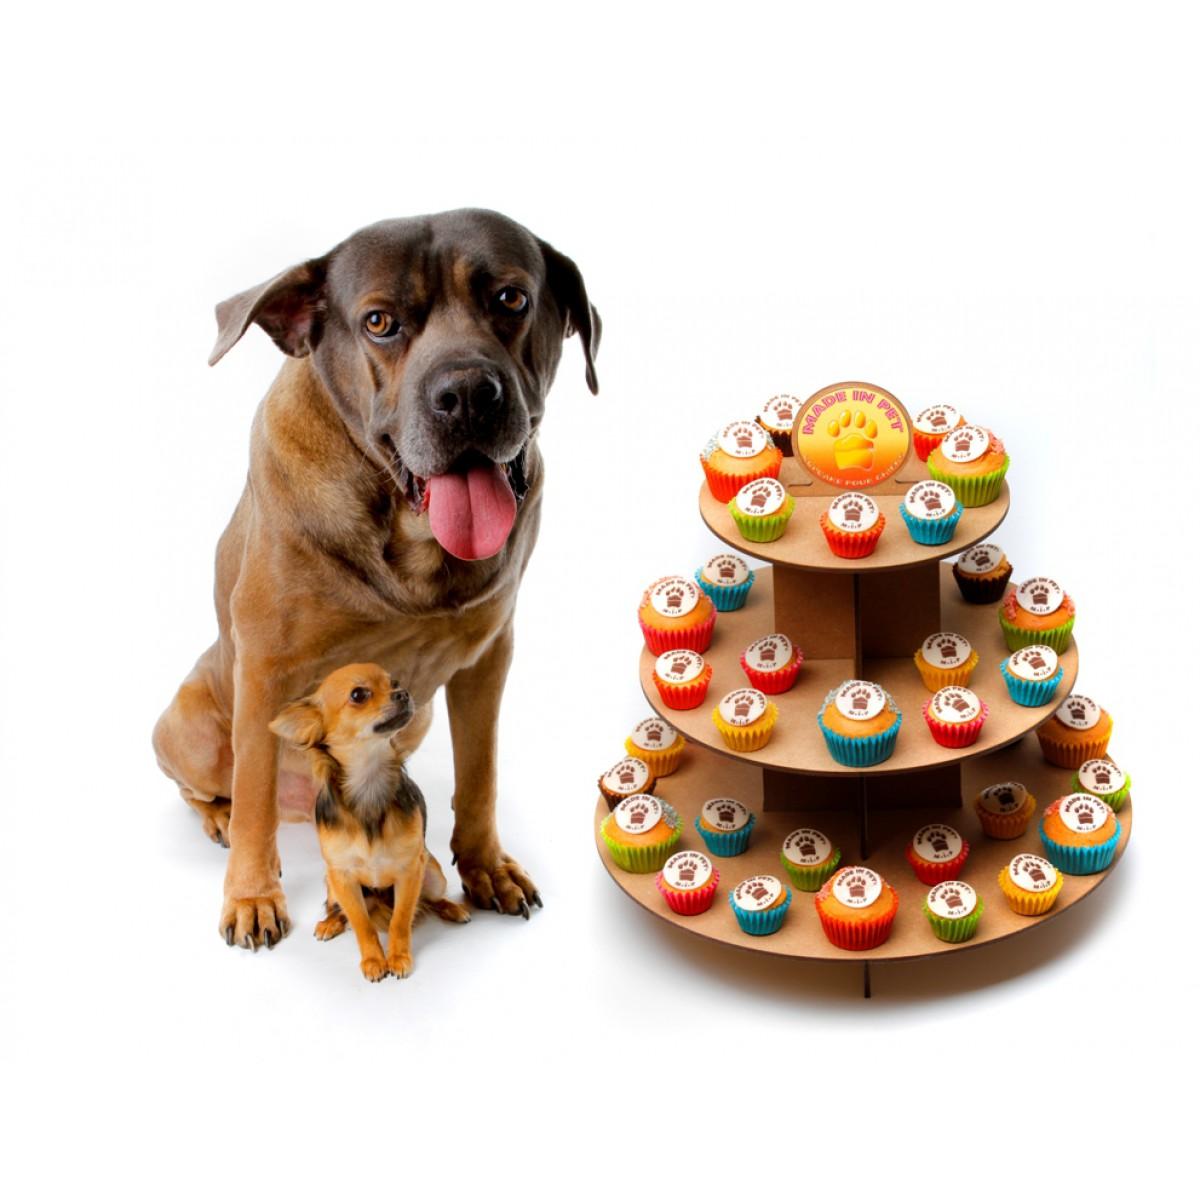 nouvelles friandises pour chiens   Thefashiondog